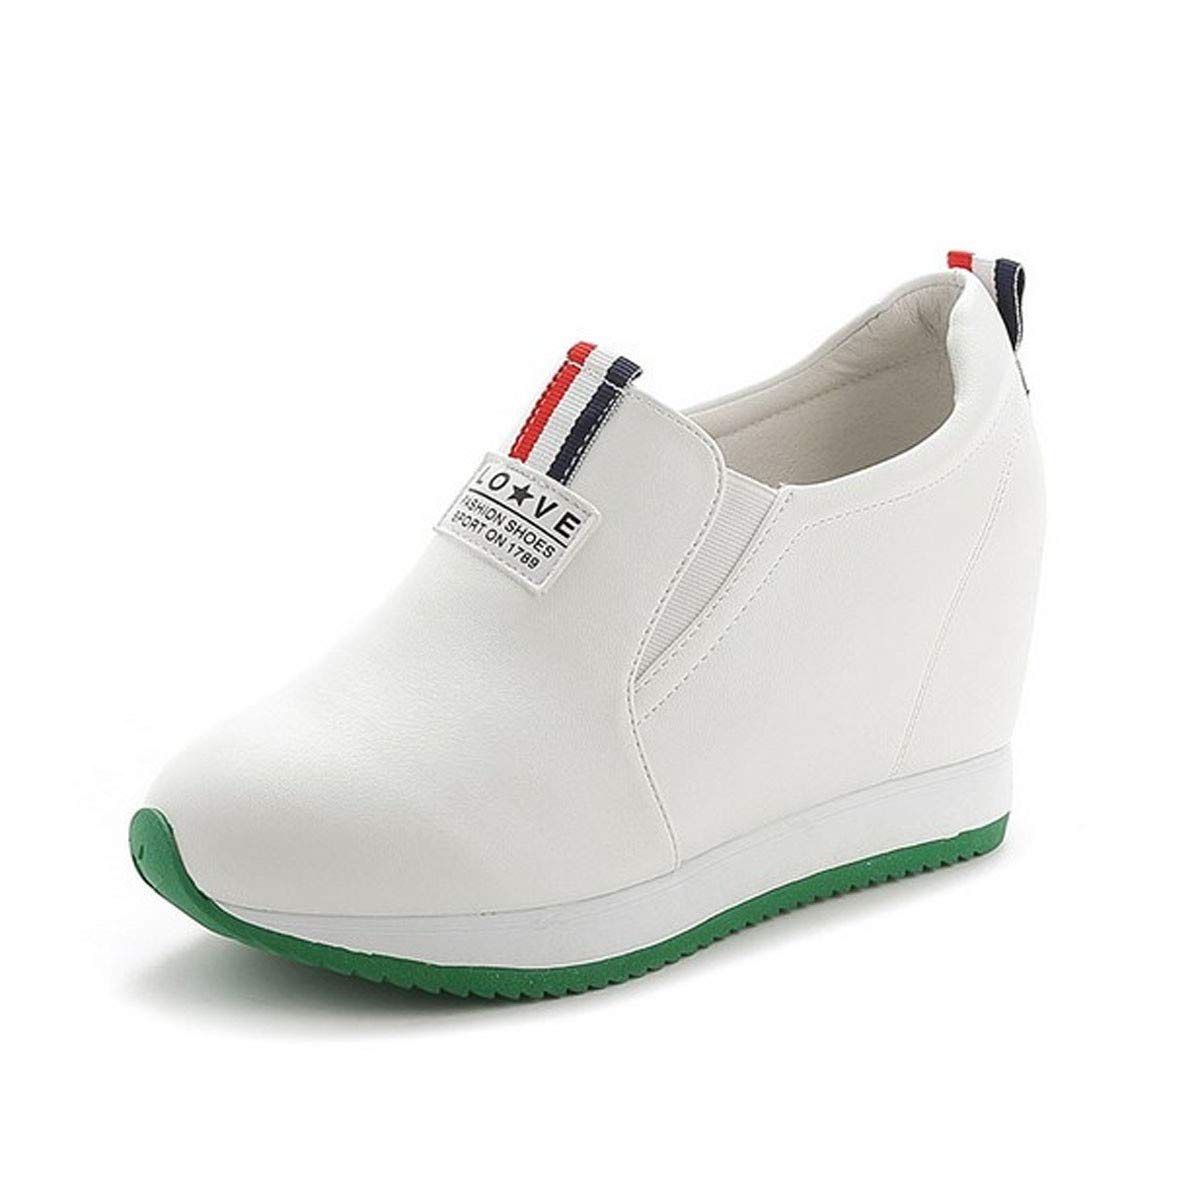 KPHY Damenschuhe/Im Sommer Stieg 8Cm Aushöhlen Damenschuhe Weiße Schuhe Koreanischen Version Casual Schuhen Steigung Mit Einem Fußpedal Schuhe.